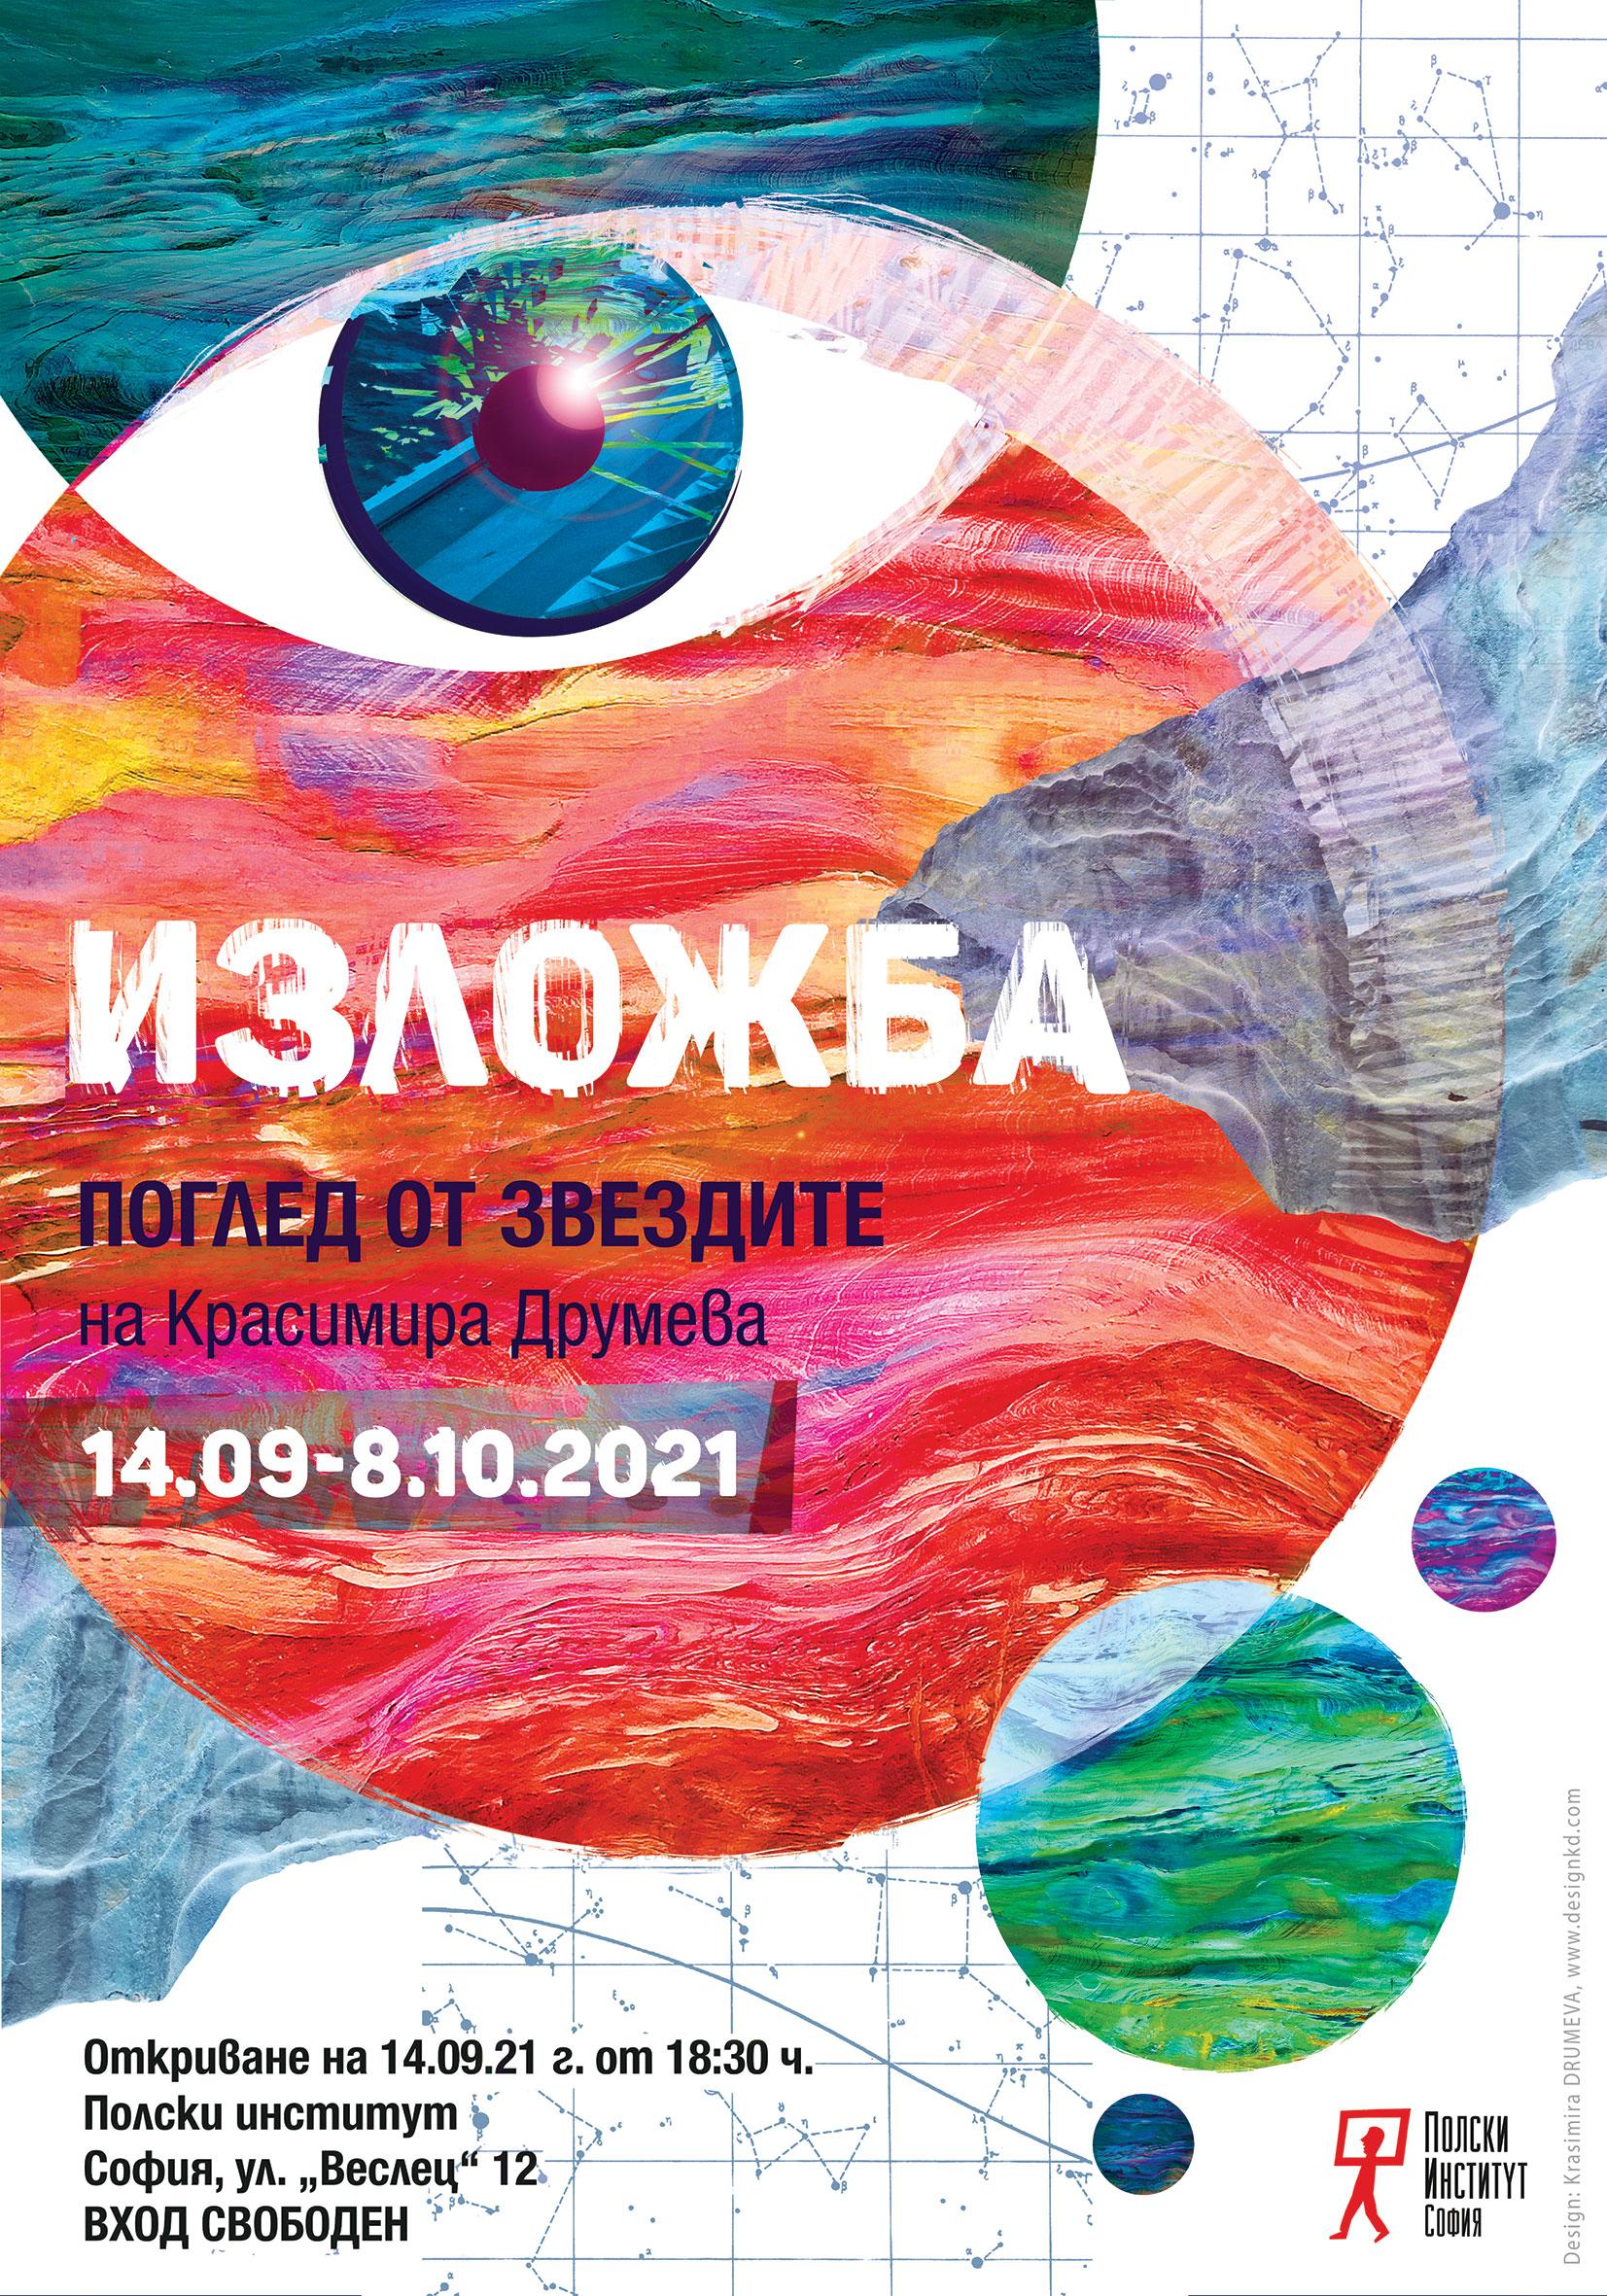 """Откриване на изложбата на Красимира Друмева """"Поглед от звездите"""", вдъхновена от творчеството на Станислав Лем"""